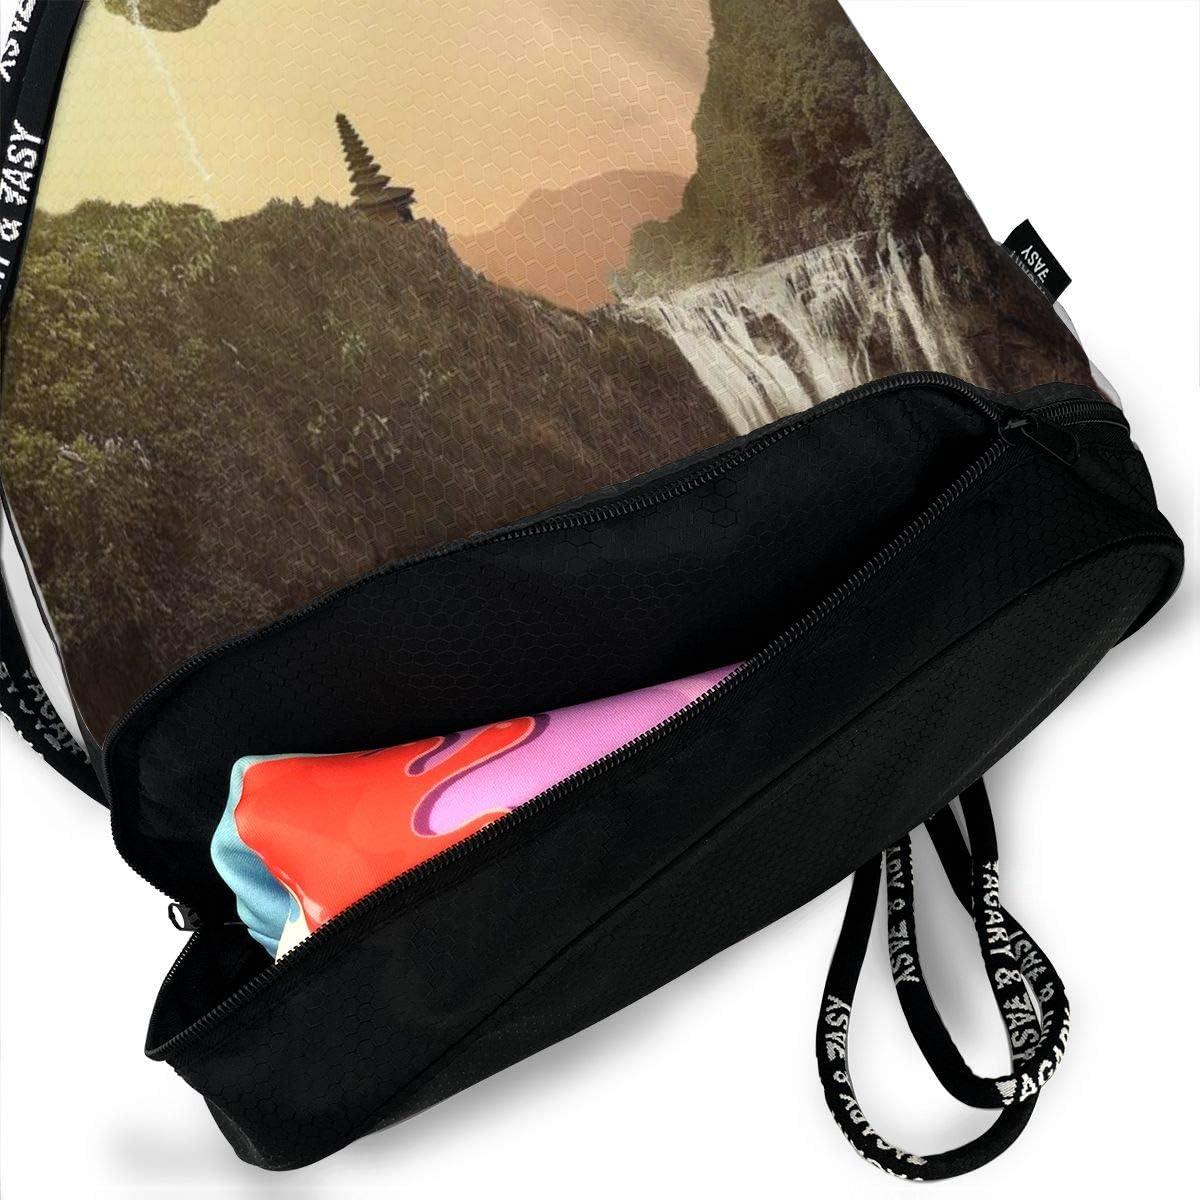 GymSack Drawstring Bag Sackpack Jigsaw Puzzle Sport Cinch Pack Simple Bundle Pocke Backpack For Men Women